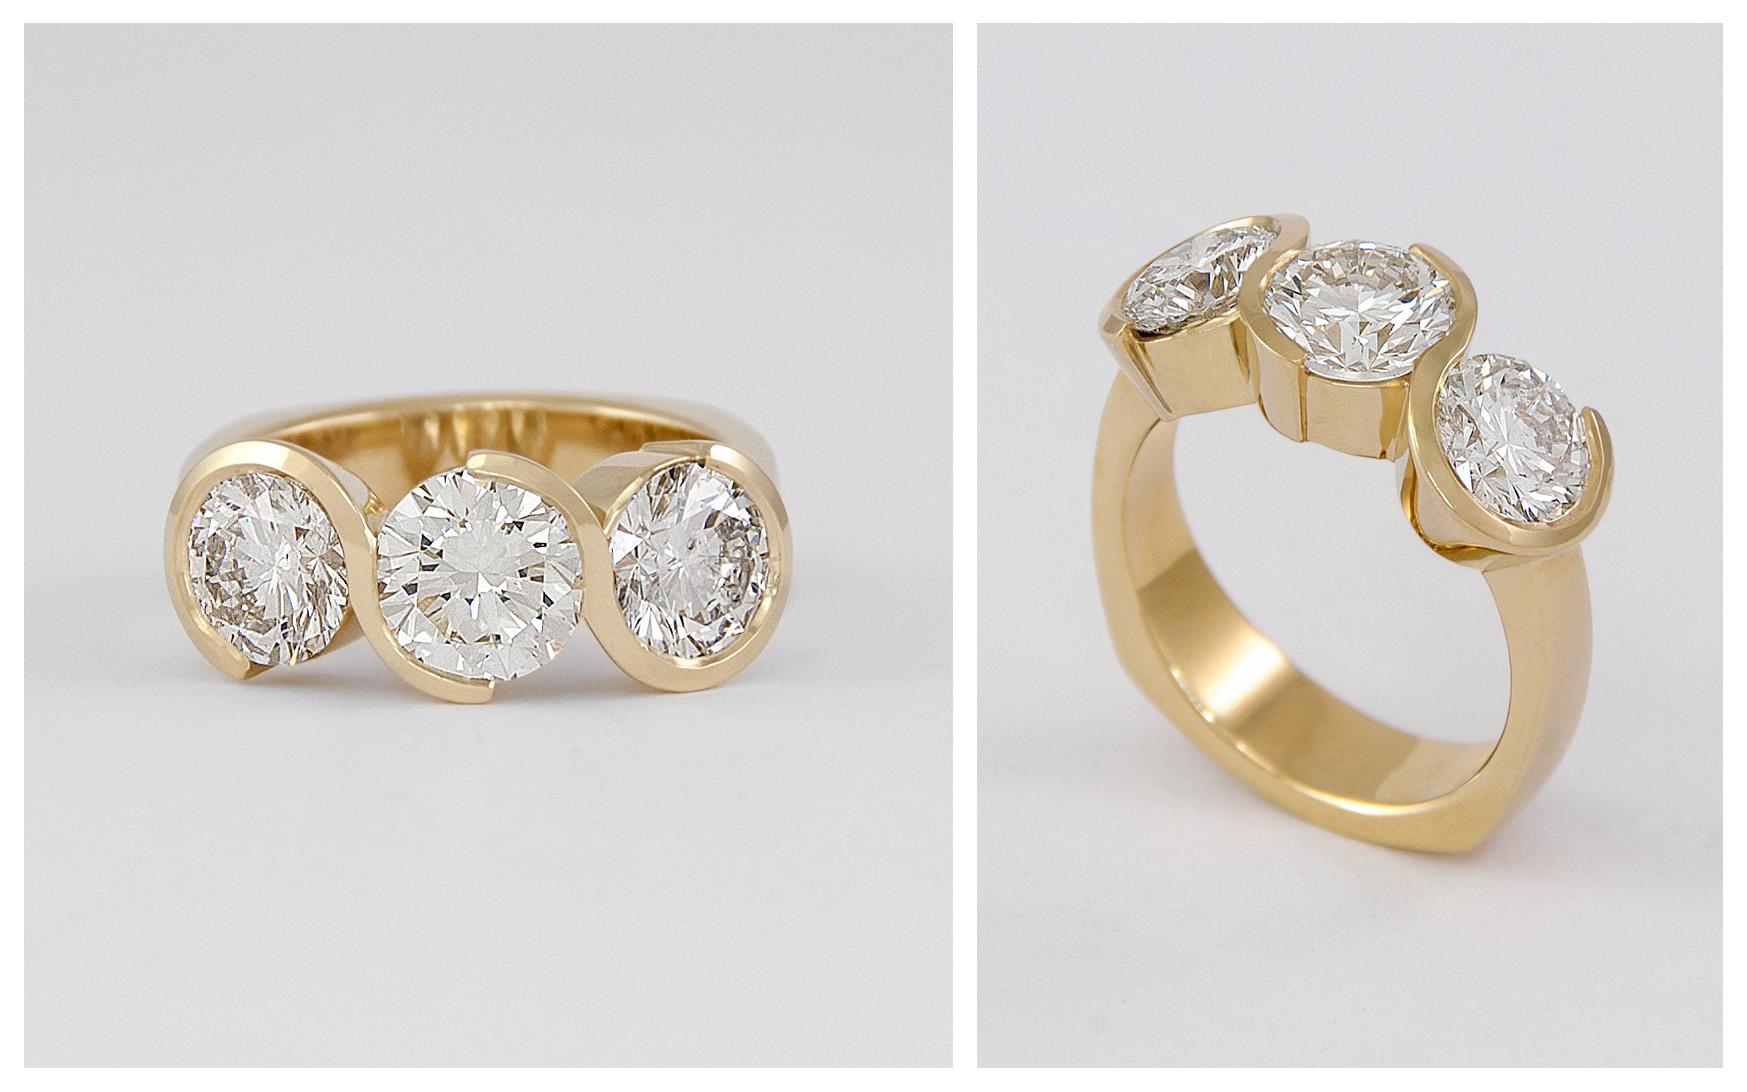 3.5 carat total 3 Stone Swirl Ring